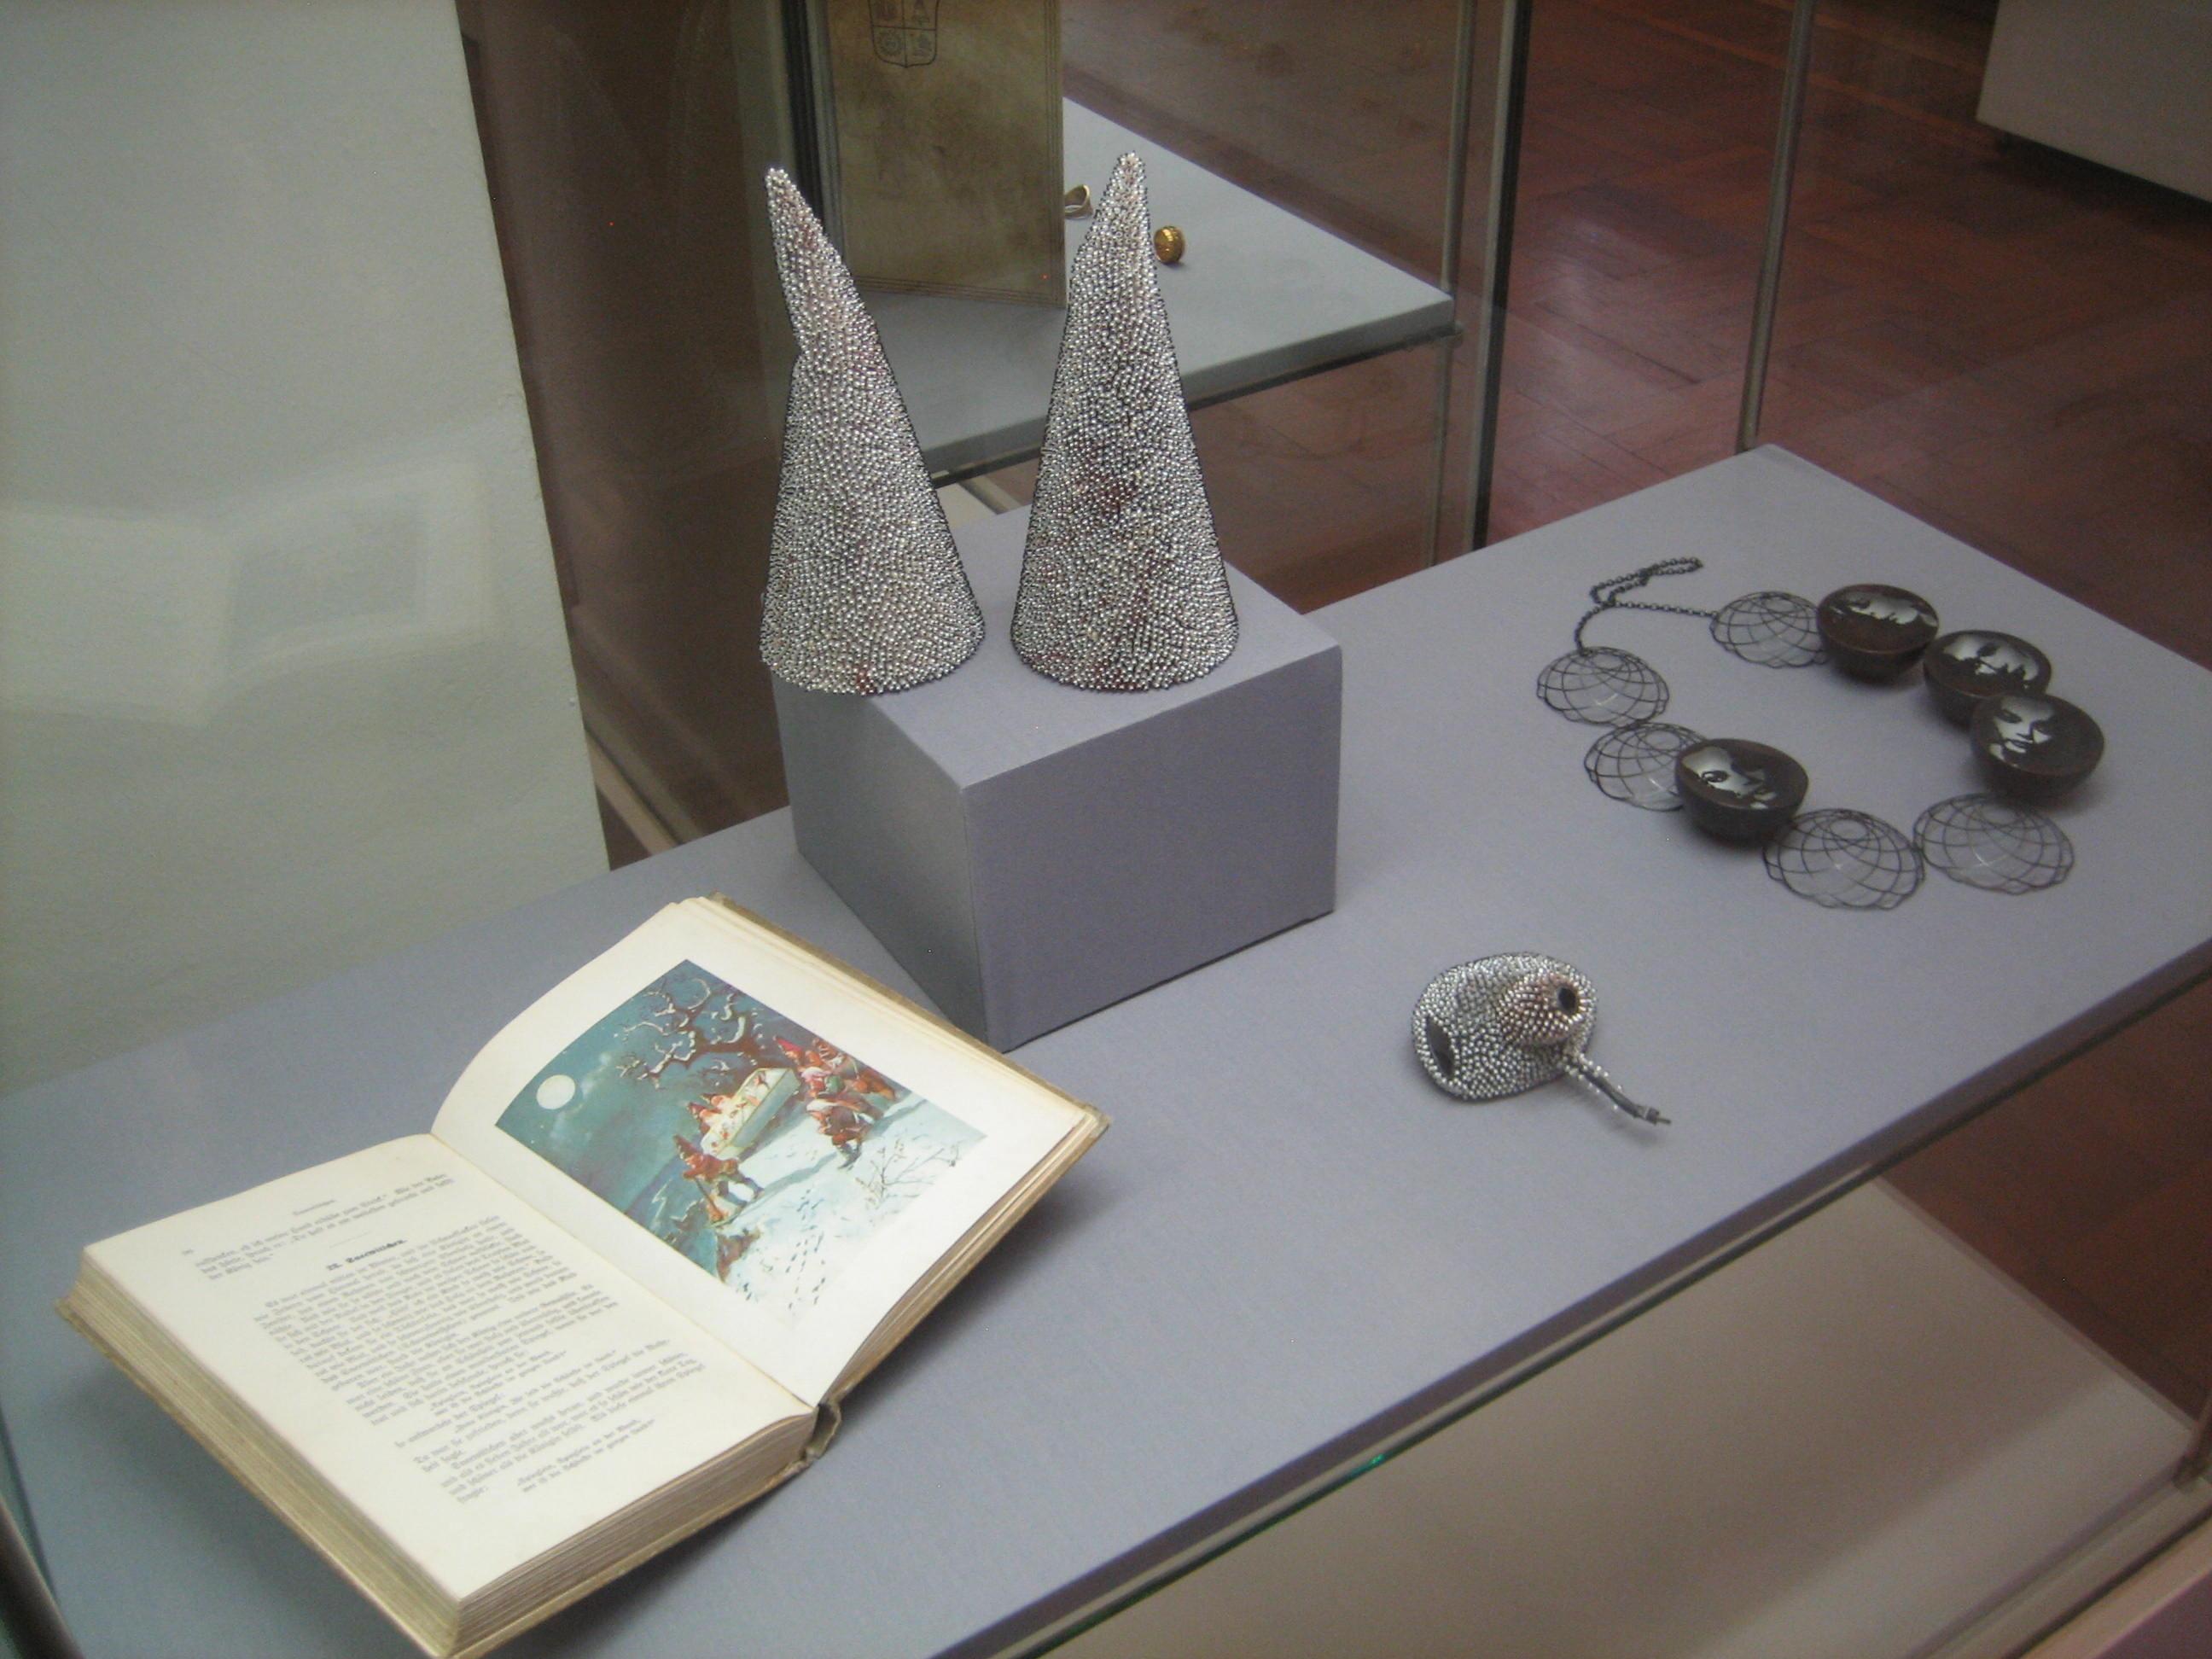 Sam-Tho Duong, objecten, 2014, Look, broche, 2011, Vera Siemund, halssieraad, 2010. Deutsches Goldschmiedehaus, vitrine, email, boek, papier, zoetwaterparel, kunststof, zilver